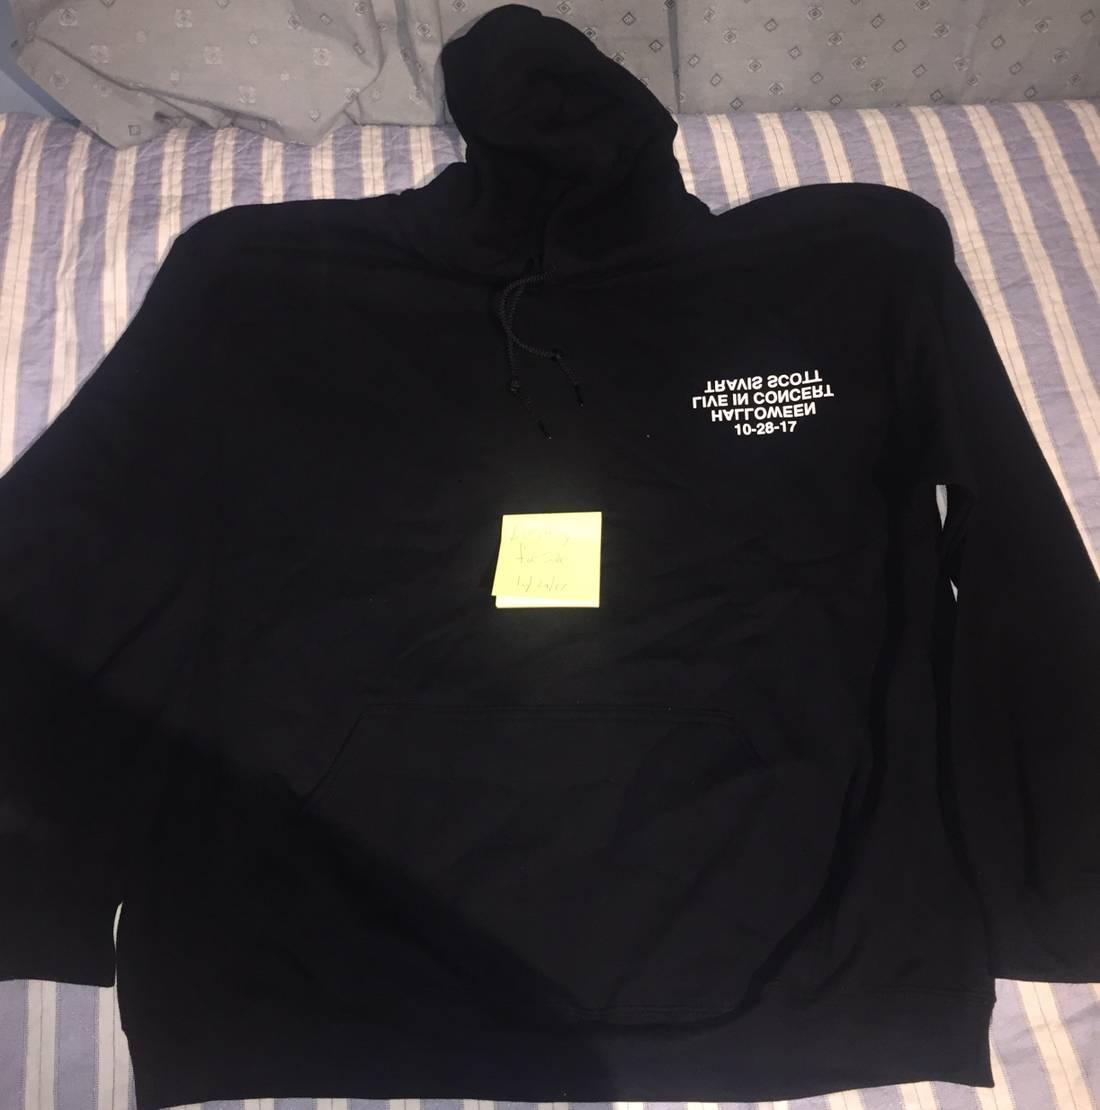 5e8705e2e0ed ... Us M Eu 48 50. Travis Scott Nyc Halloween Merch Size M Sweatshirts. Travis  Scott Launches Texas Chainsaw Massacre ...